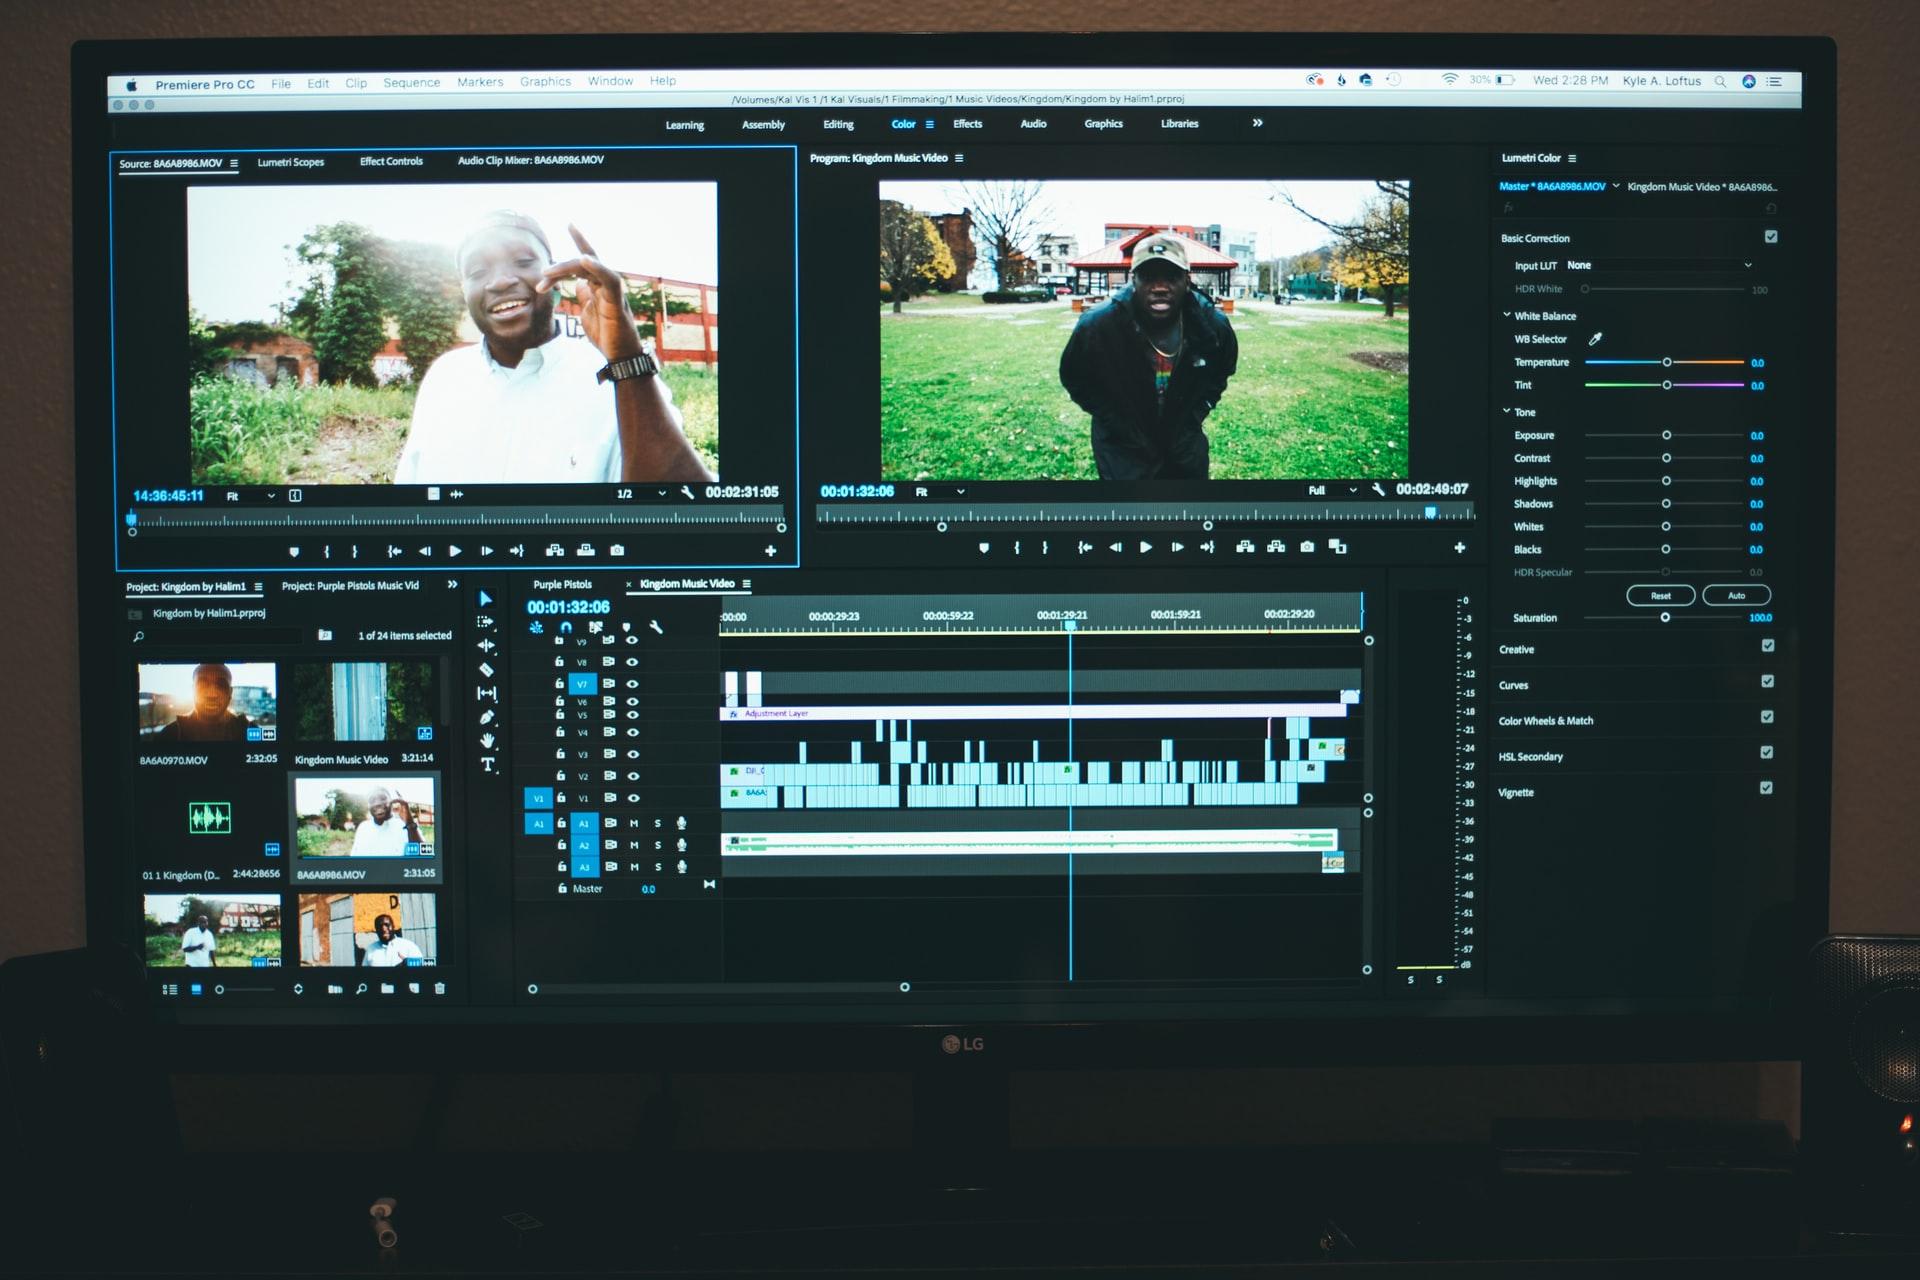 動画ファイルを圧縮する方法